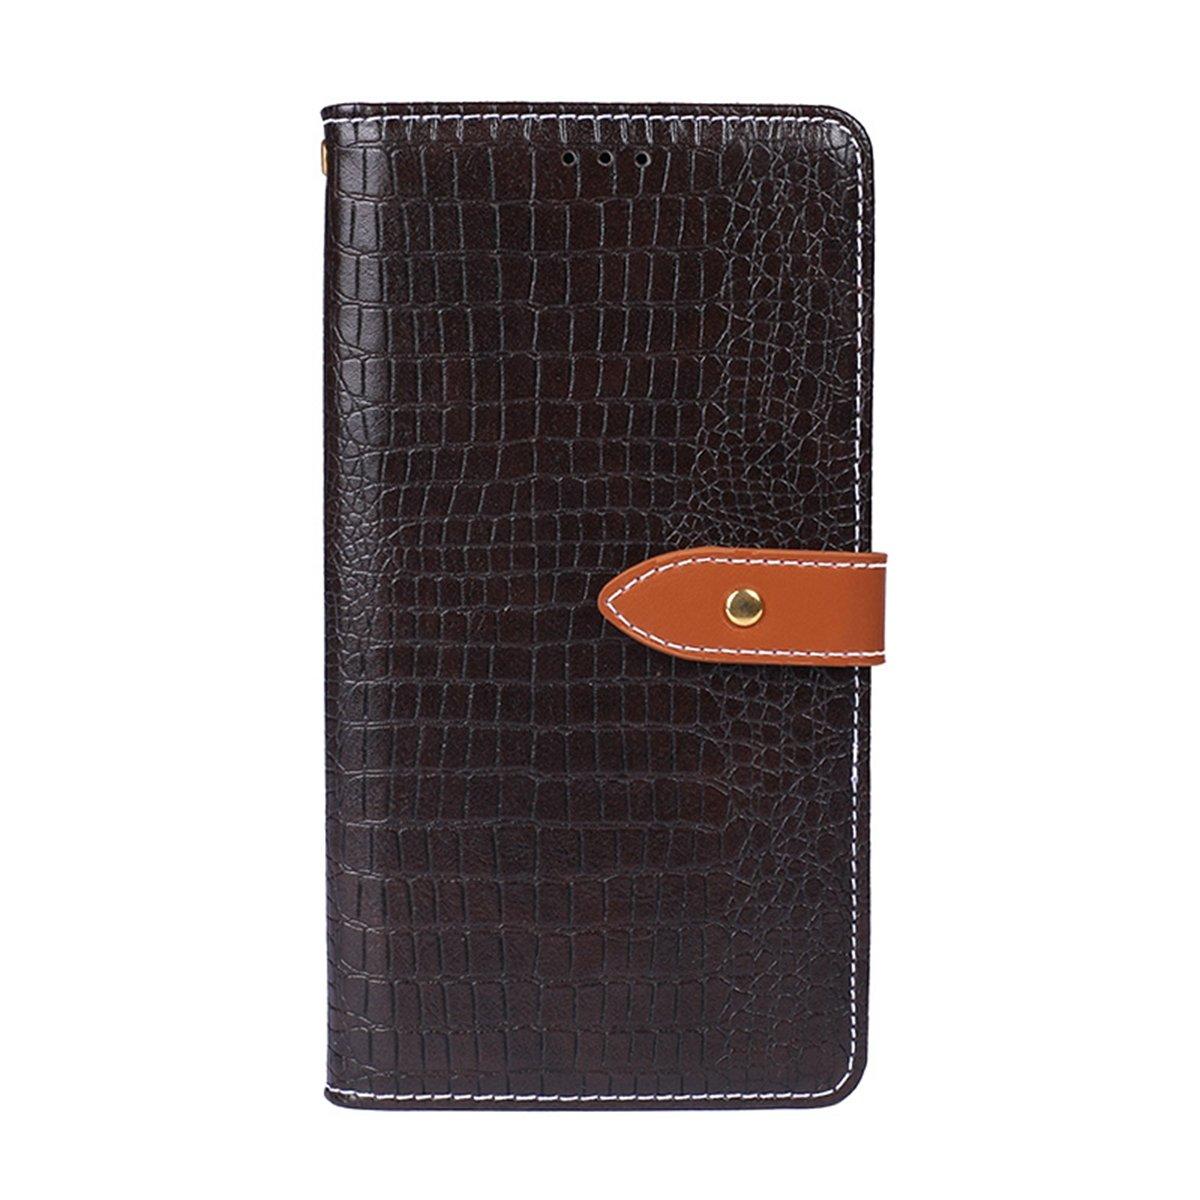 Obamono Etui Xiaomi Redmi Note 7, Etui Portefeuille en Cuir PU à Motif crocodé Etui à Rabat magnétique Etui de Protection Durable avec Fentes pour Cartes, Marron foncé